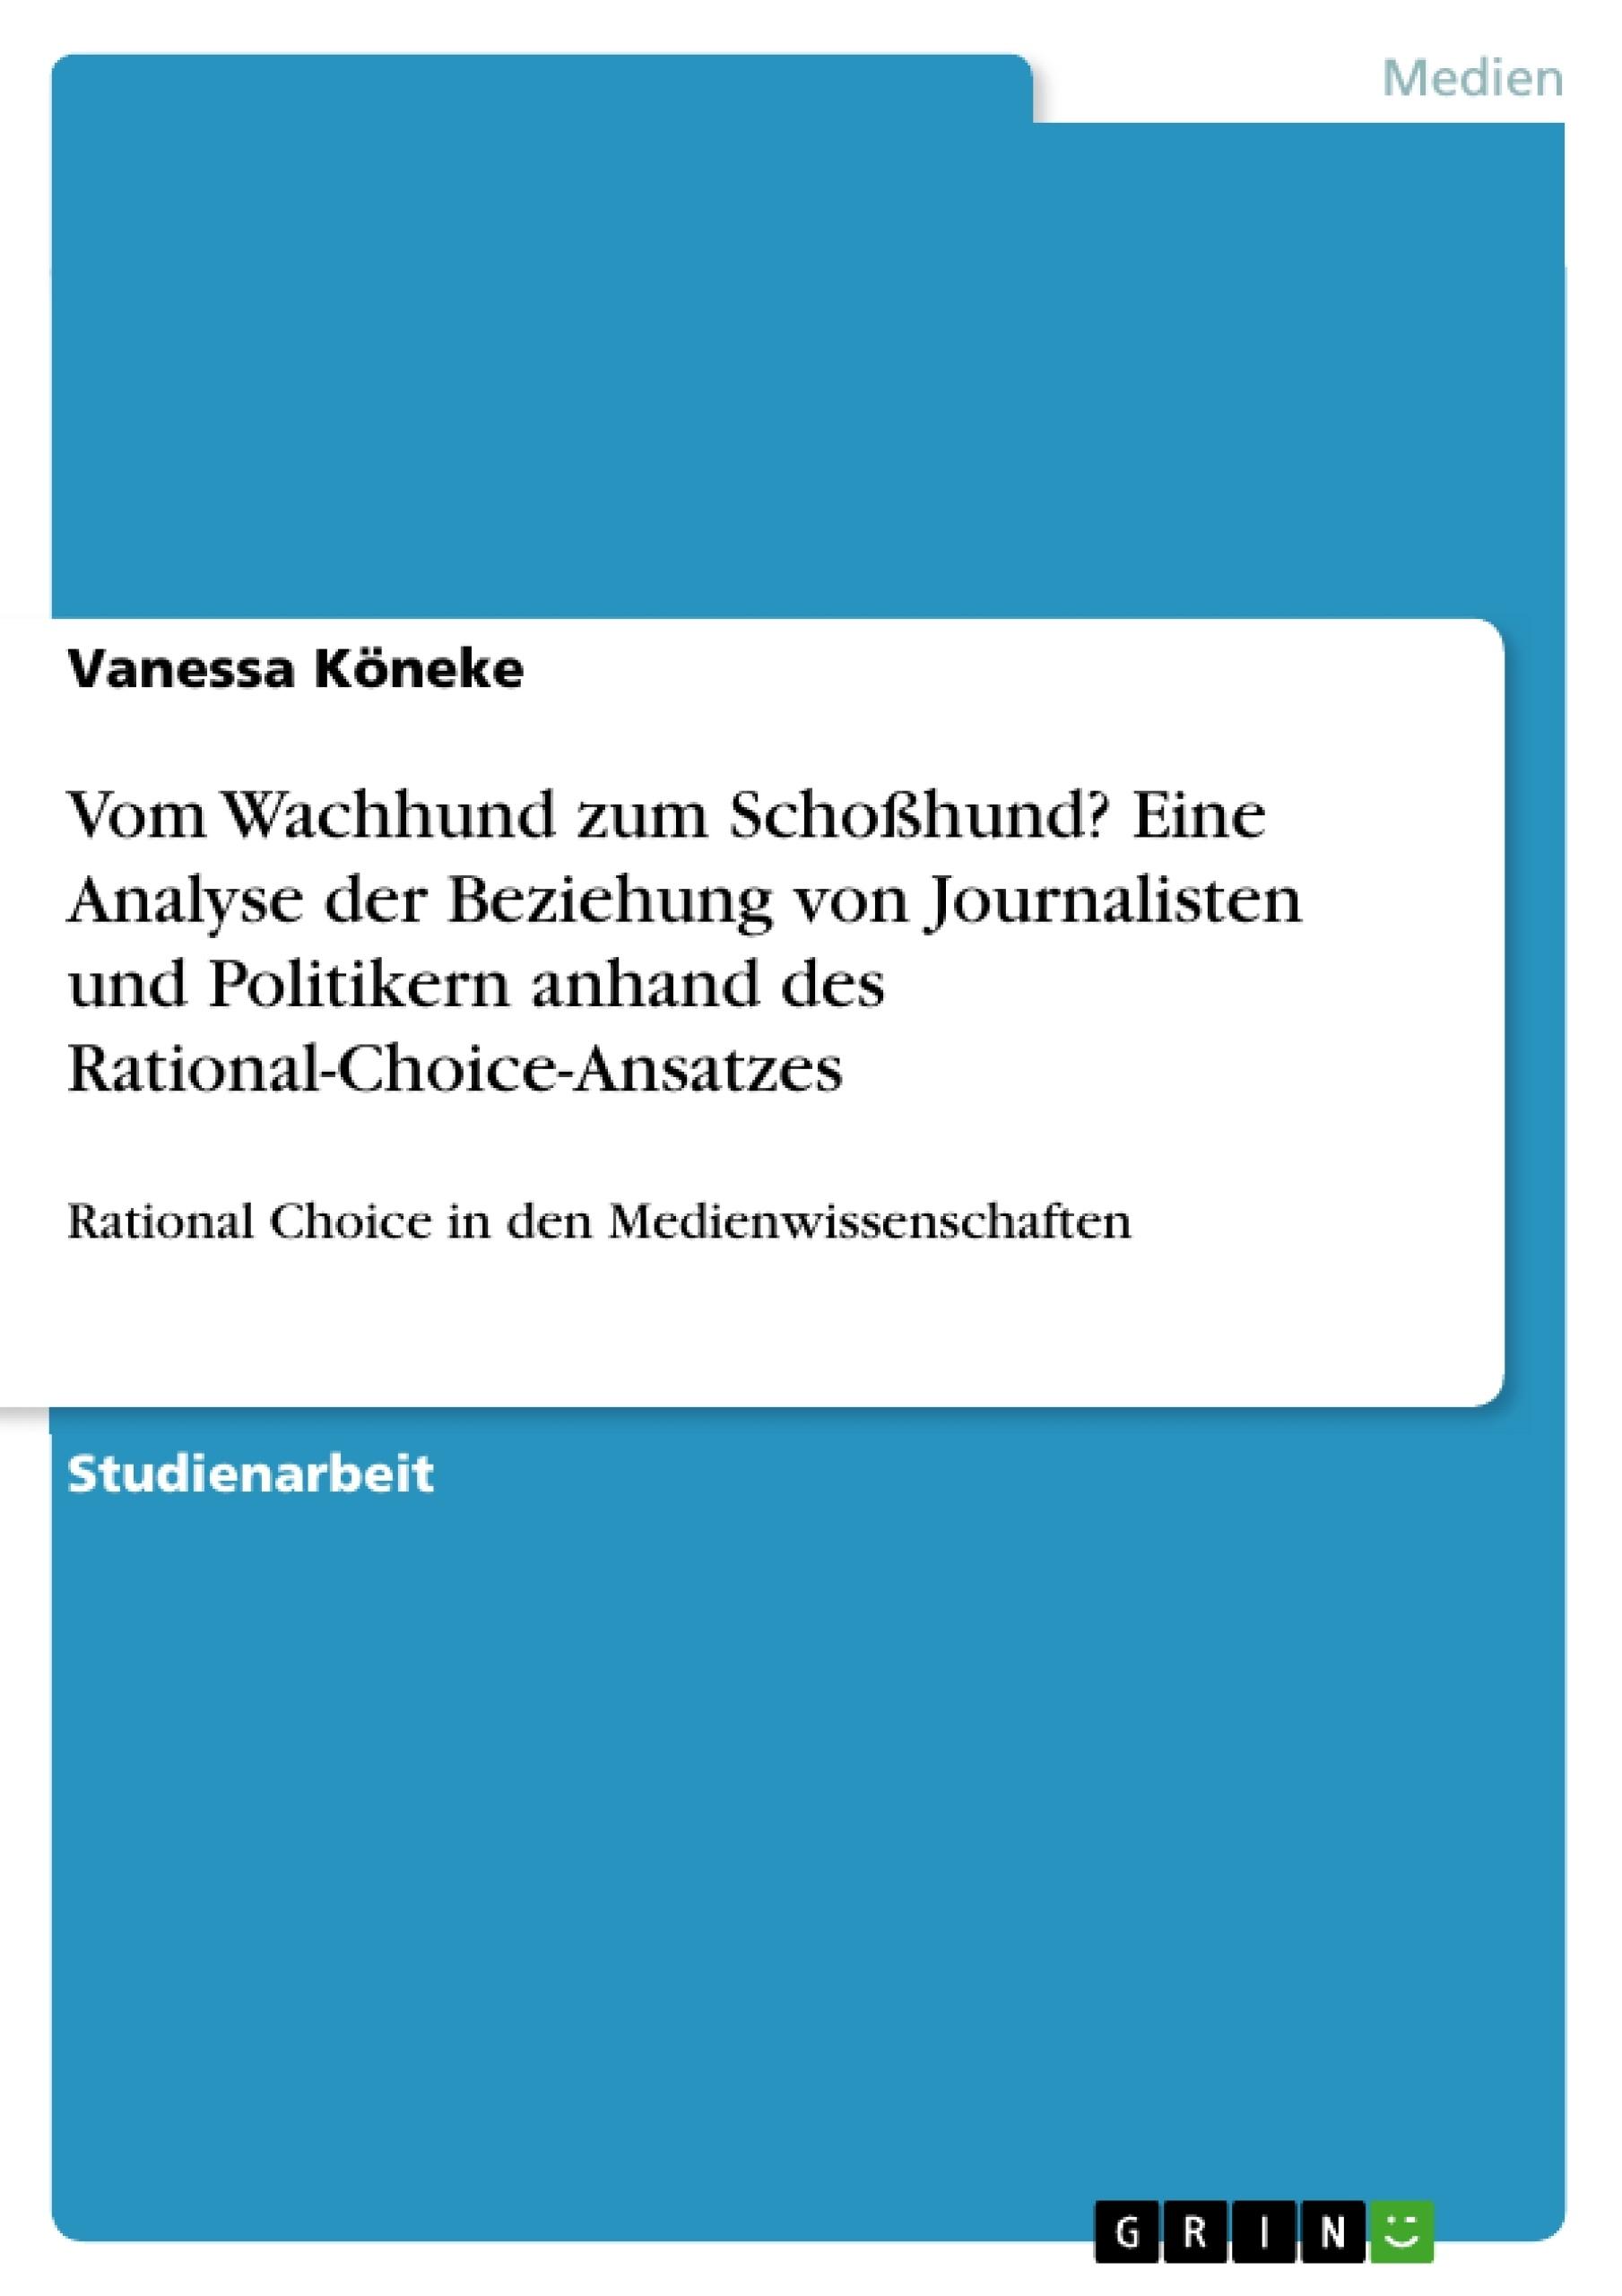 Titel: Vom Wachhund zum Schoßhund? Eine Analyse der Beziehung von Journalisten und Politikern anhand des Rational-Choice-Ansatzes